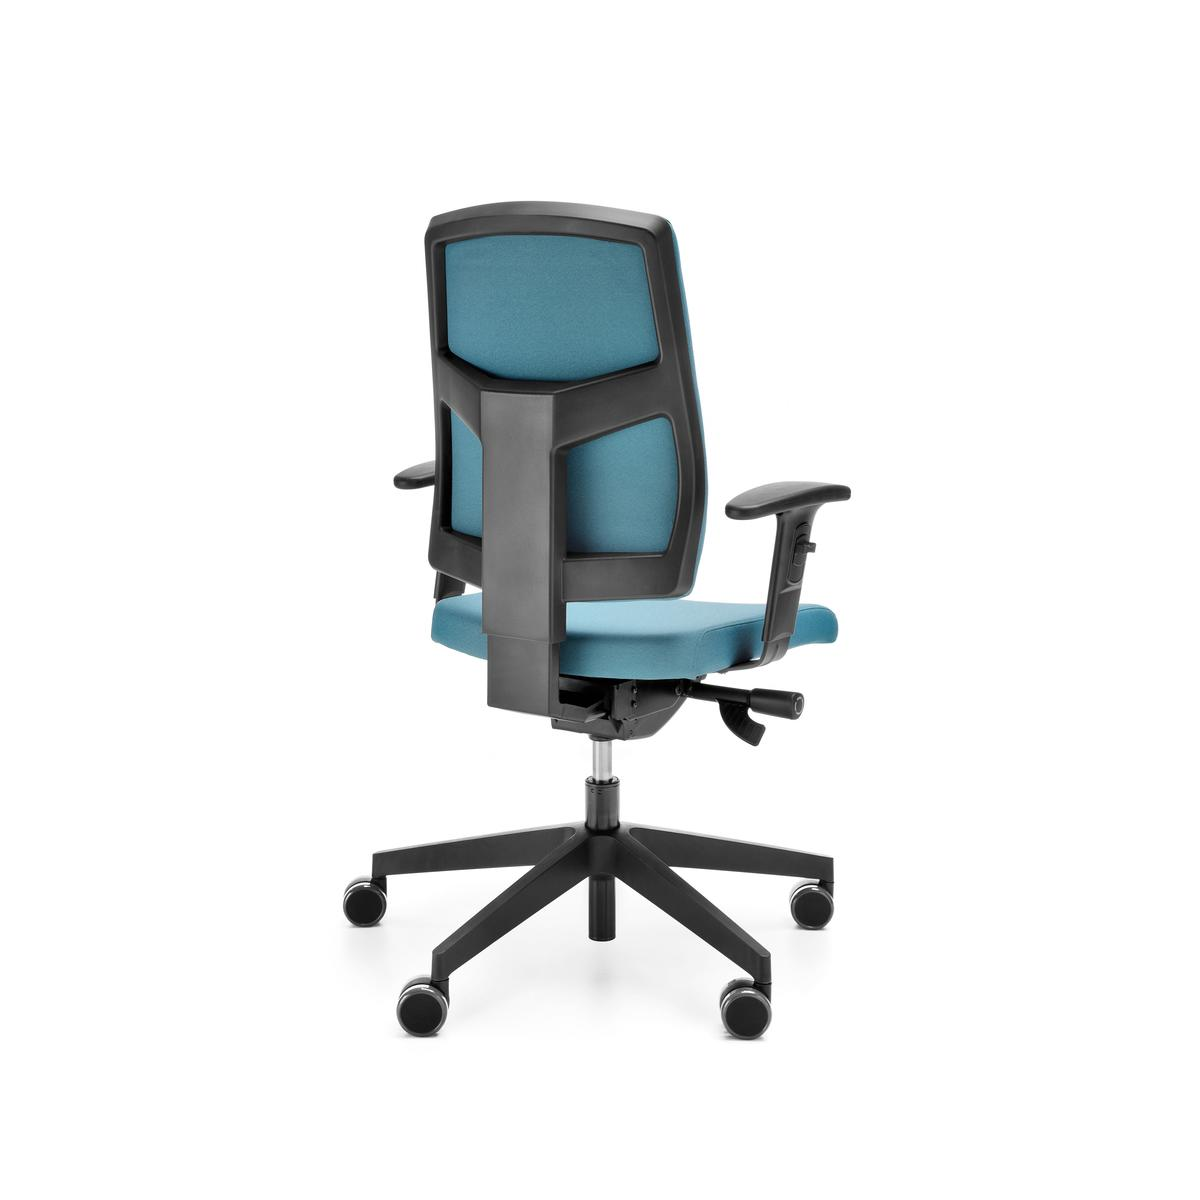 b97256a24a81a Raya » ergonomická otočná stolička k počítaču » INVENT dizajn